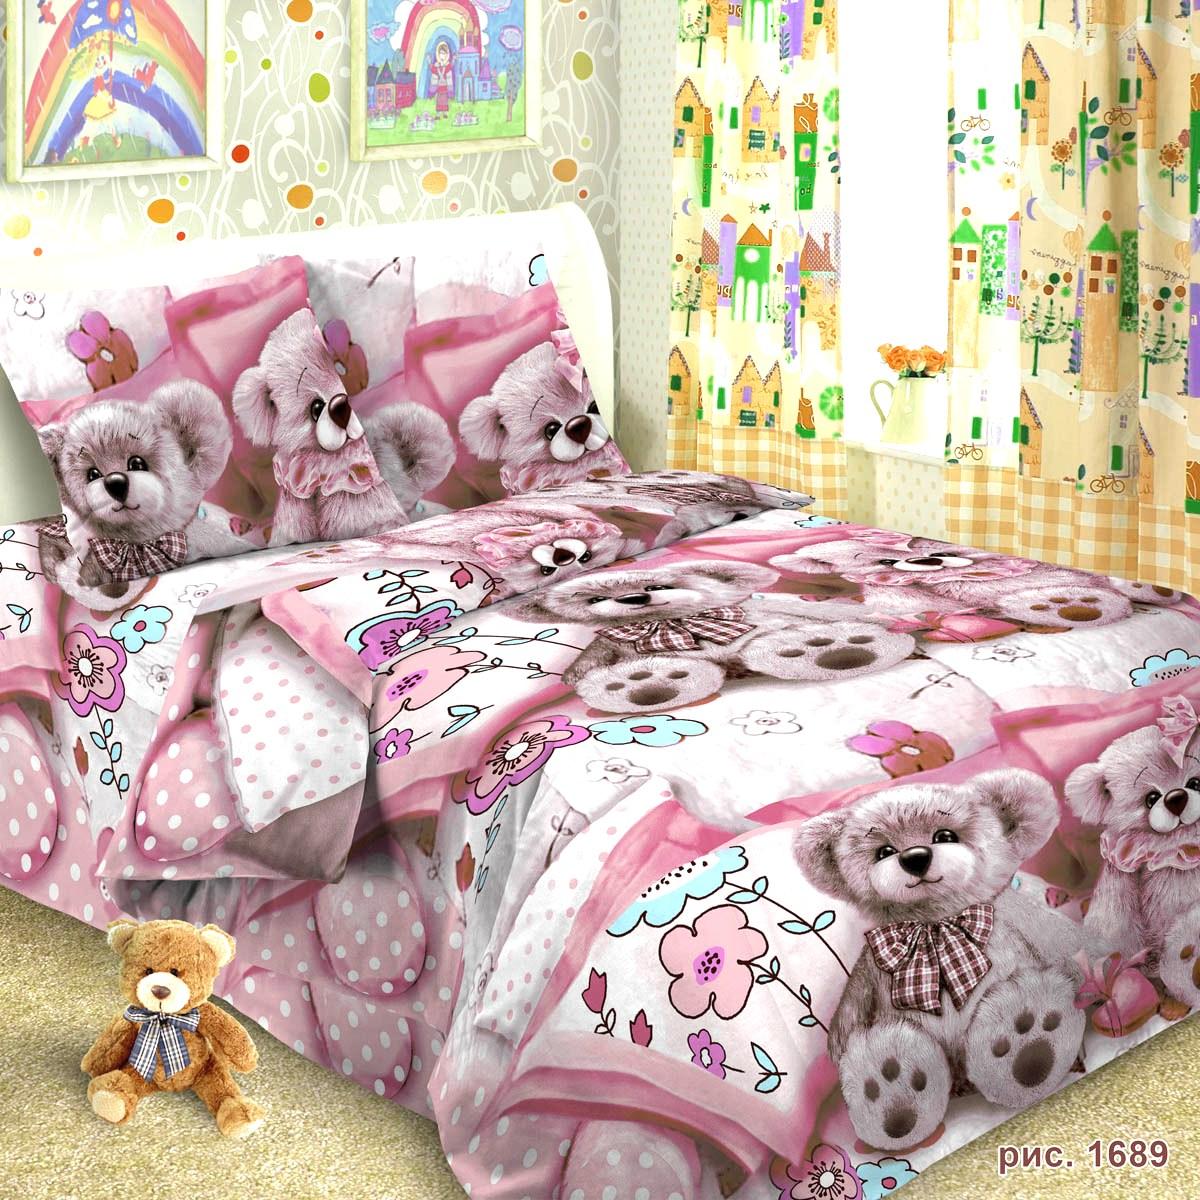 Letto Комплект детского постельного белья Тэдди 3 предмета, Letto Home Textile